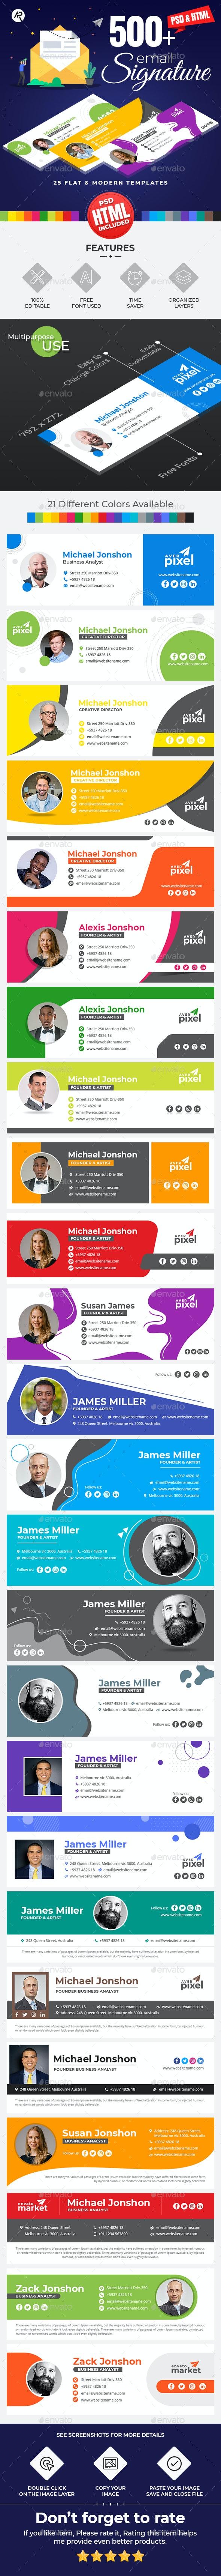 525-Email-Signature Templates - Social Media Web Elements